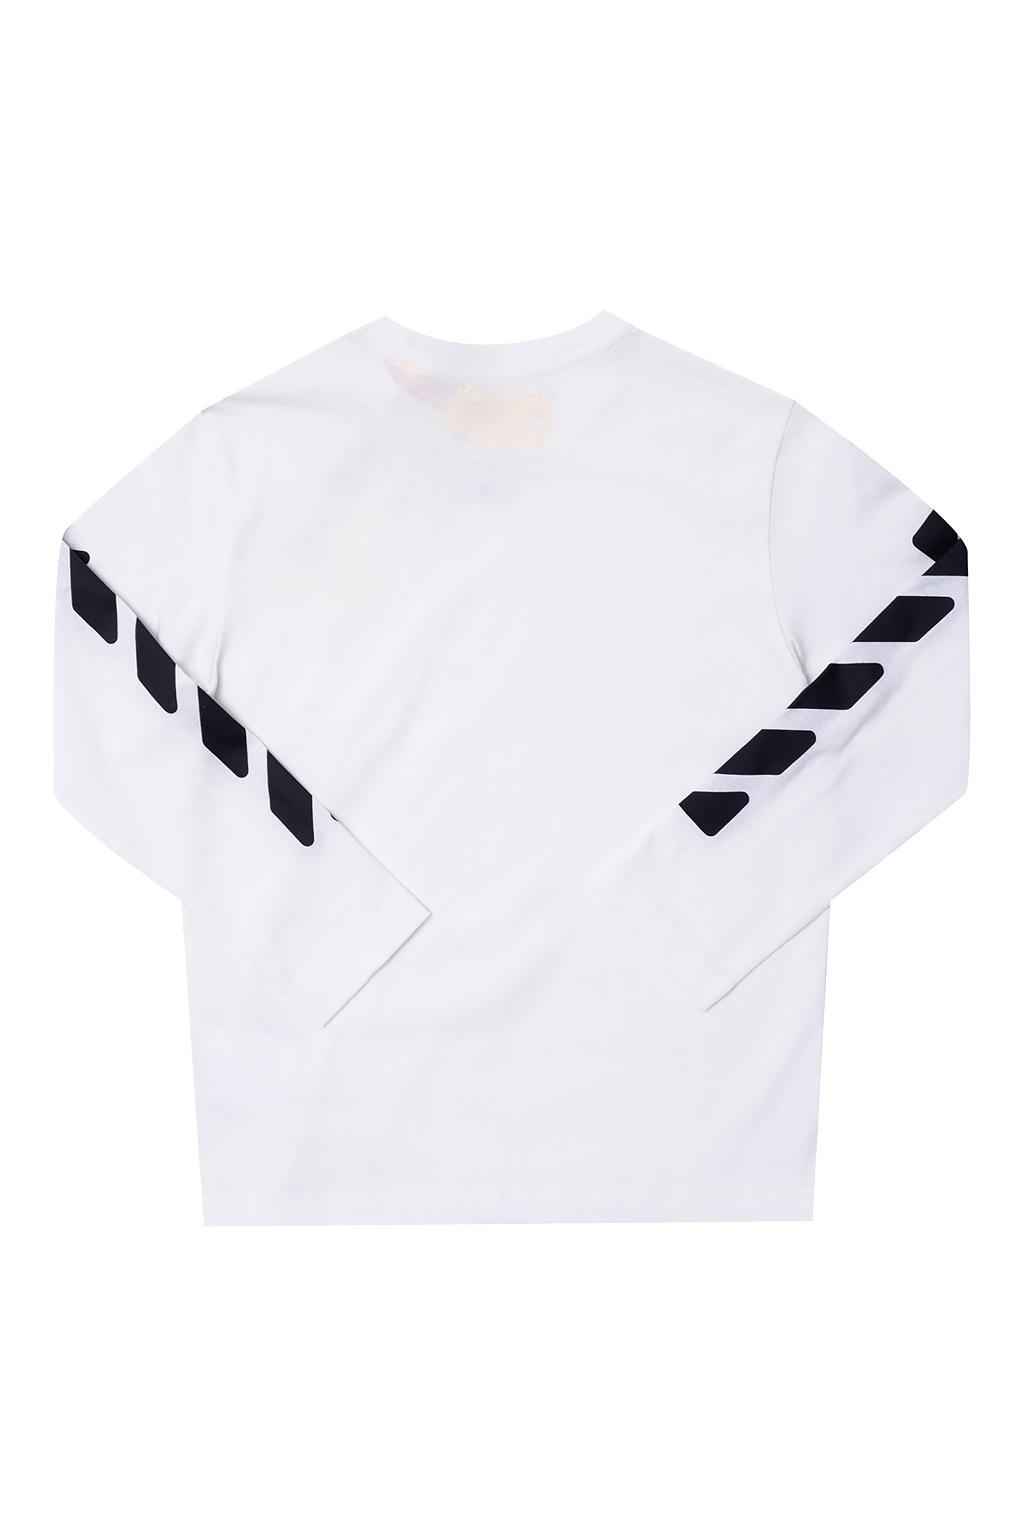 Off-White Kids Long-sleeved T-shirt